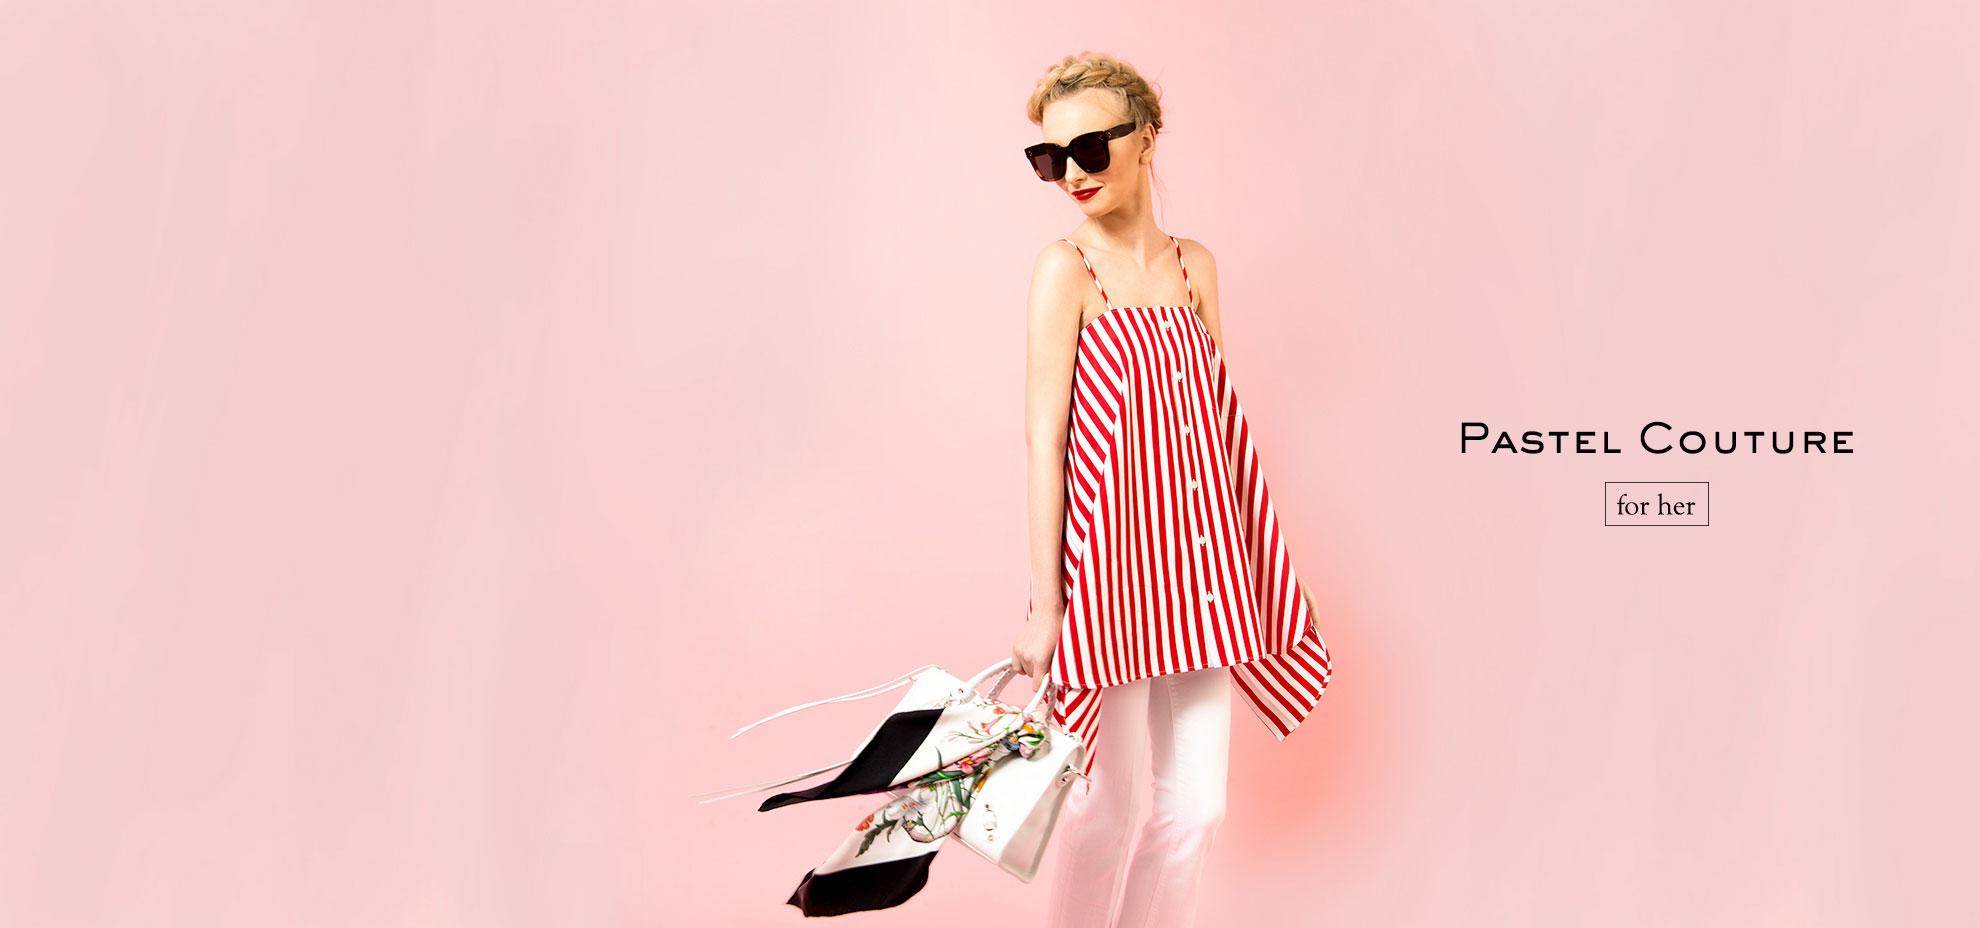 Balenciaga Woman's Catalog Spring/Summer 17